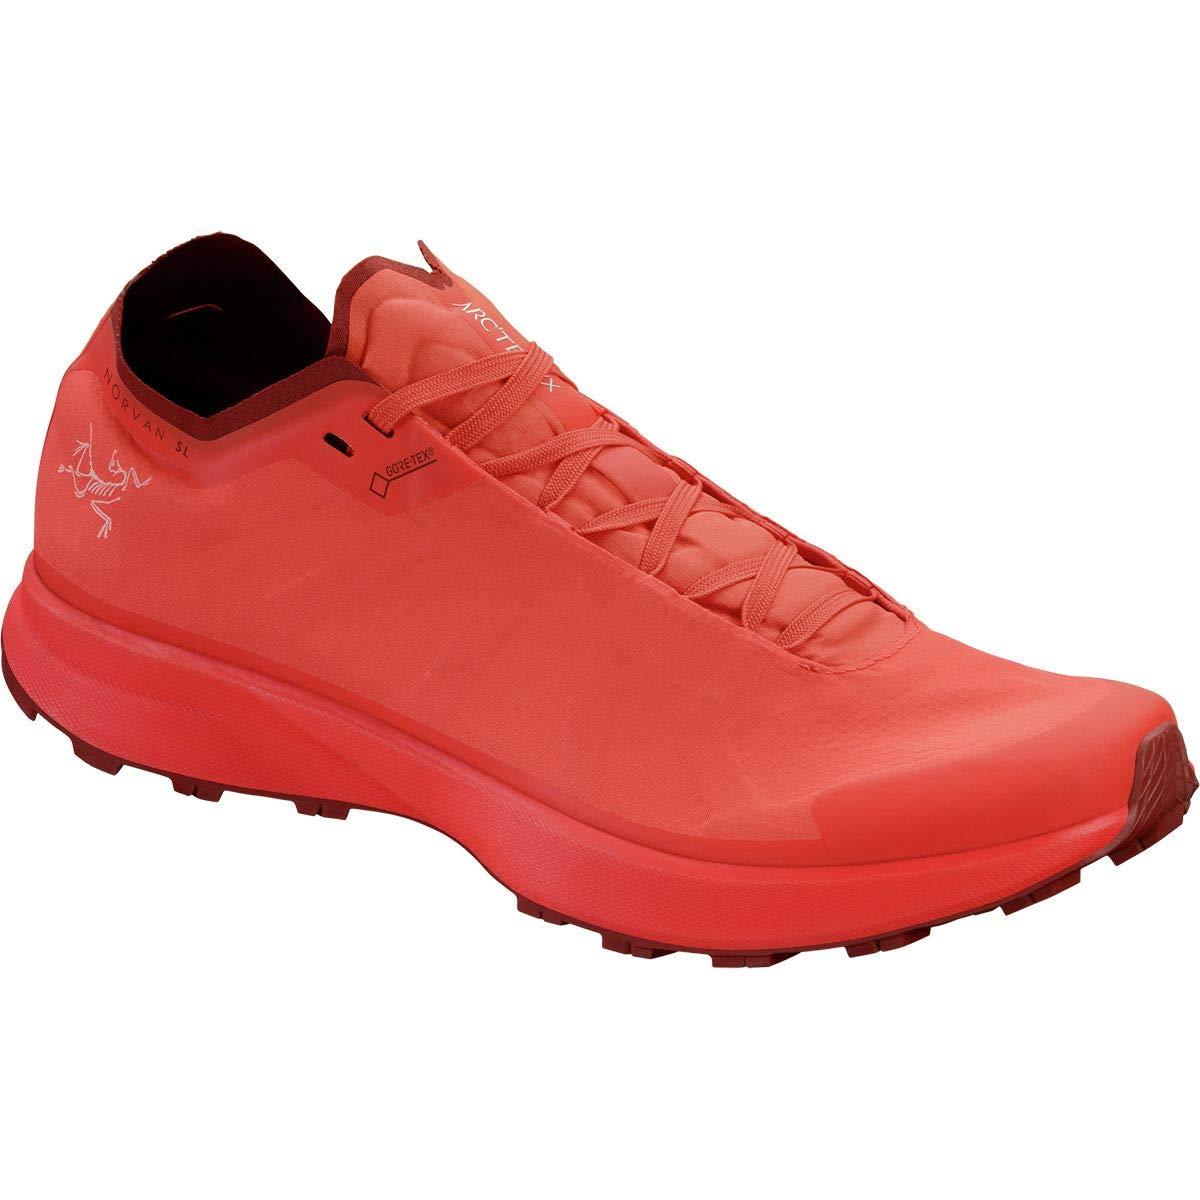 安い購入 [アークテリクス] レディース ランニング Norvan Running Norvan SL GTX Running Shoe [並行輸入品] [並行輸入品] B07NZMP29W US-7.5/UK-6.0, スレンダー倶楽部:f402fd62 --- senas.4x4.lt